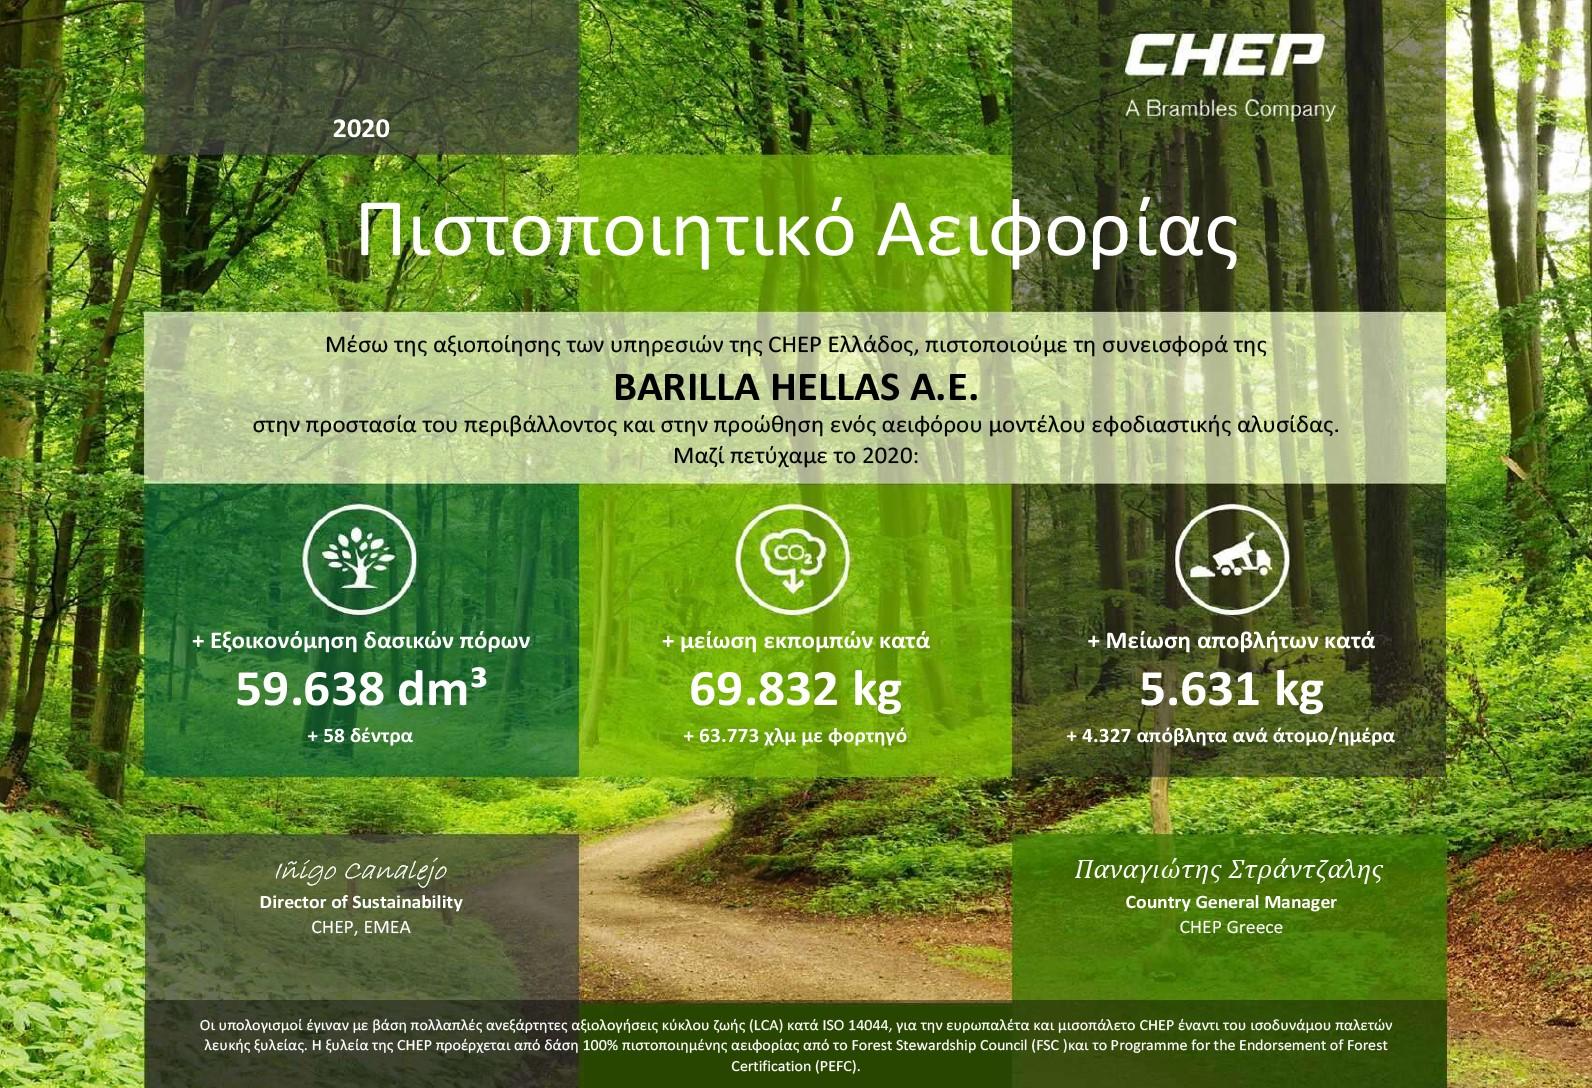 Ένα Βιώσιμο Μοντέλο Εφοδιαστικής Αλυσίδας Πιστοποιητικό Αειφορίας για τη Barilla Hellas με τη συμβολή της CHEP Ελλάδος